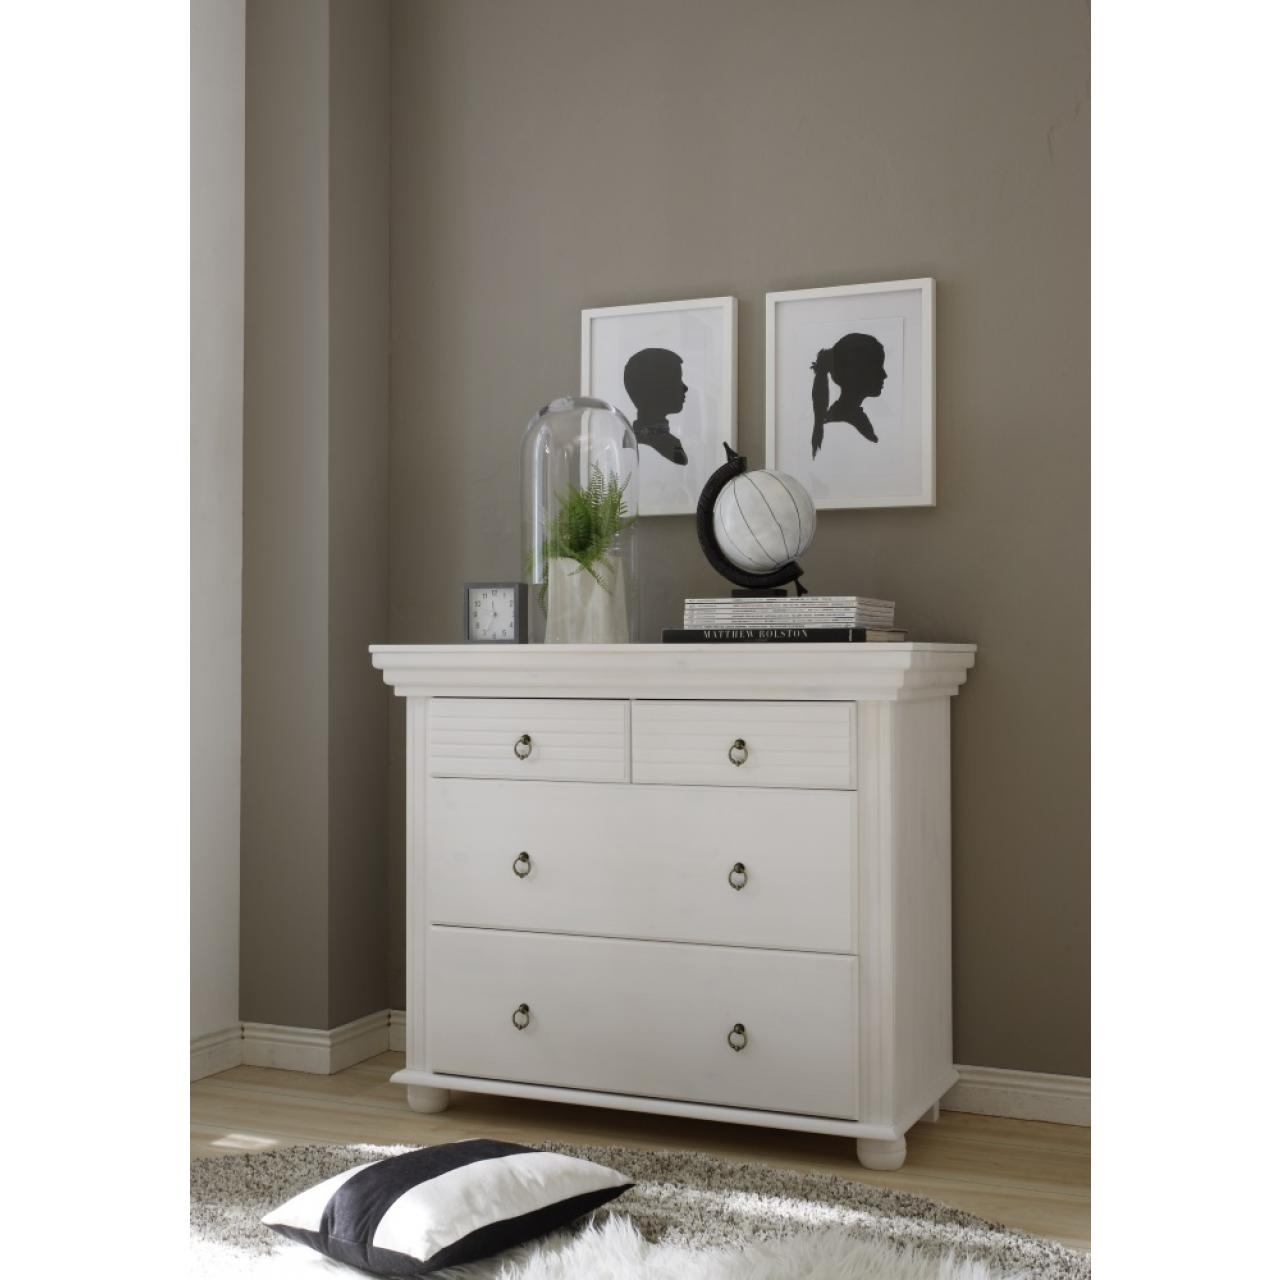 kommode oslo beim bel wohnen m bel j hnichen center gmbh. Black Bedroom Furniture Sets. Home Design Ideas